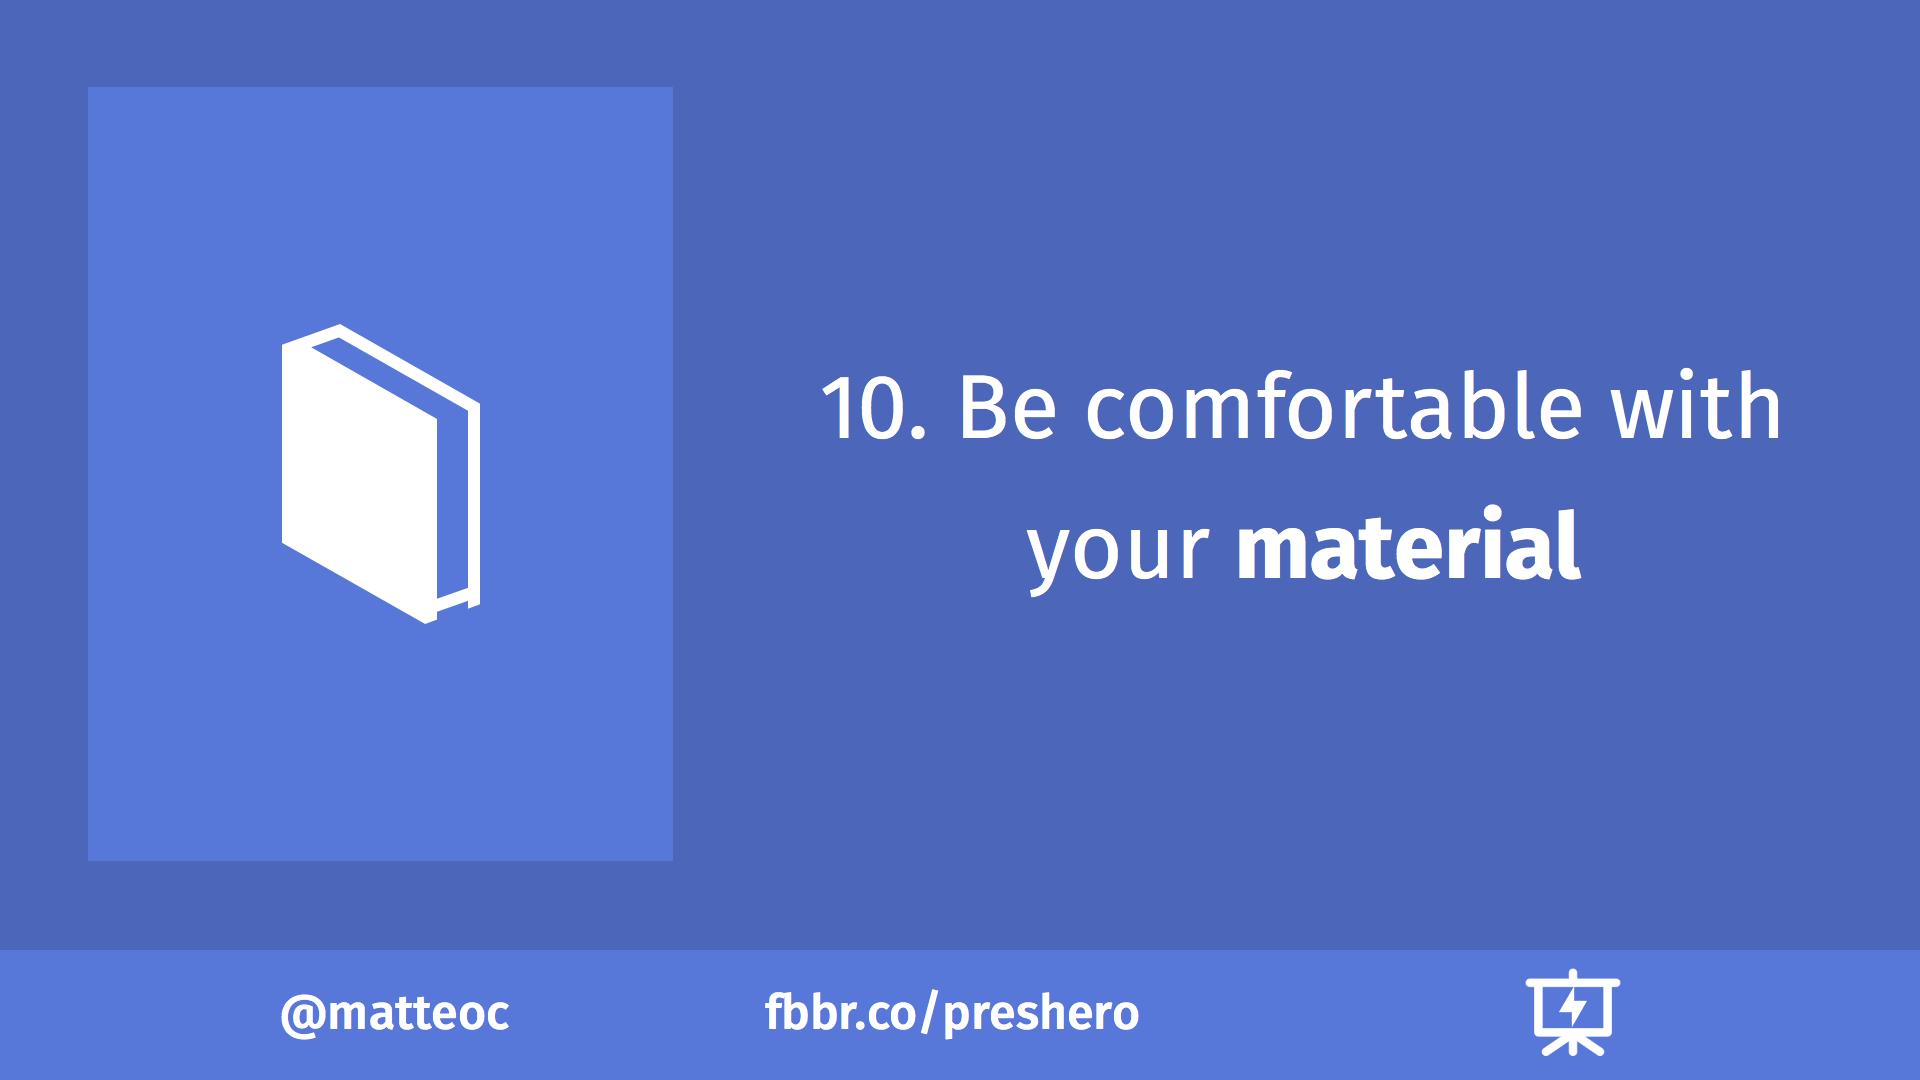 10material